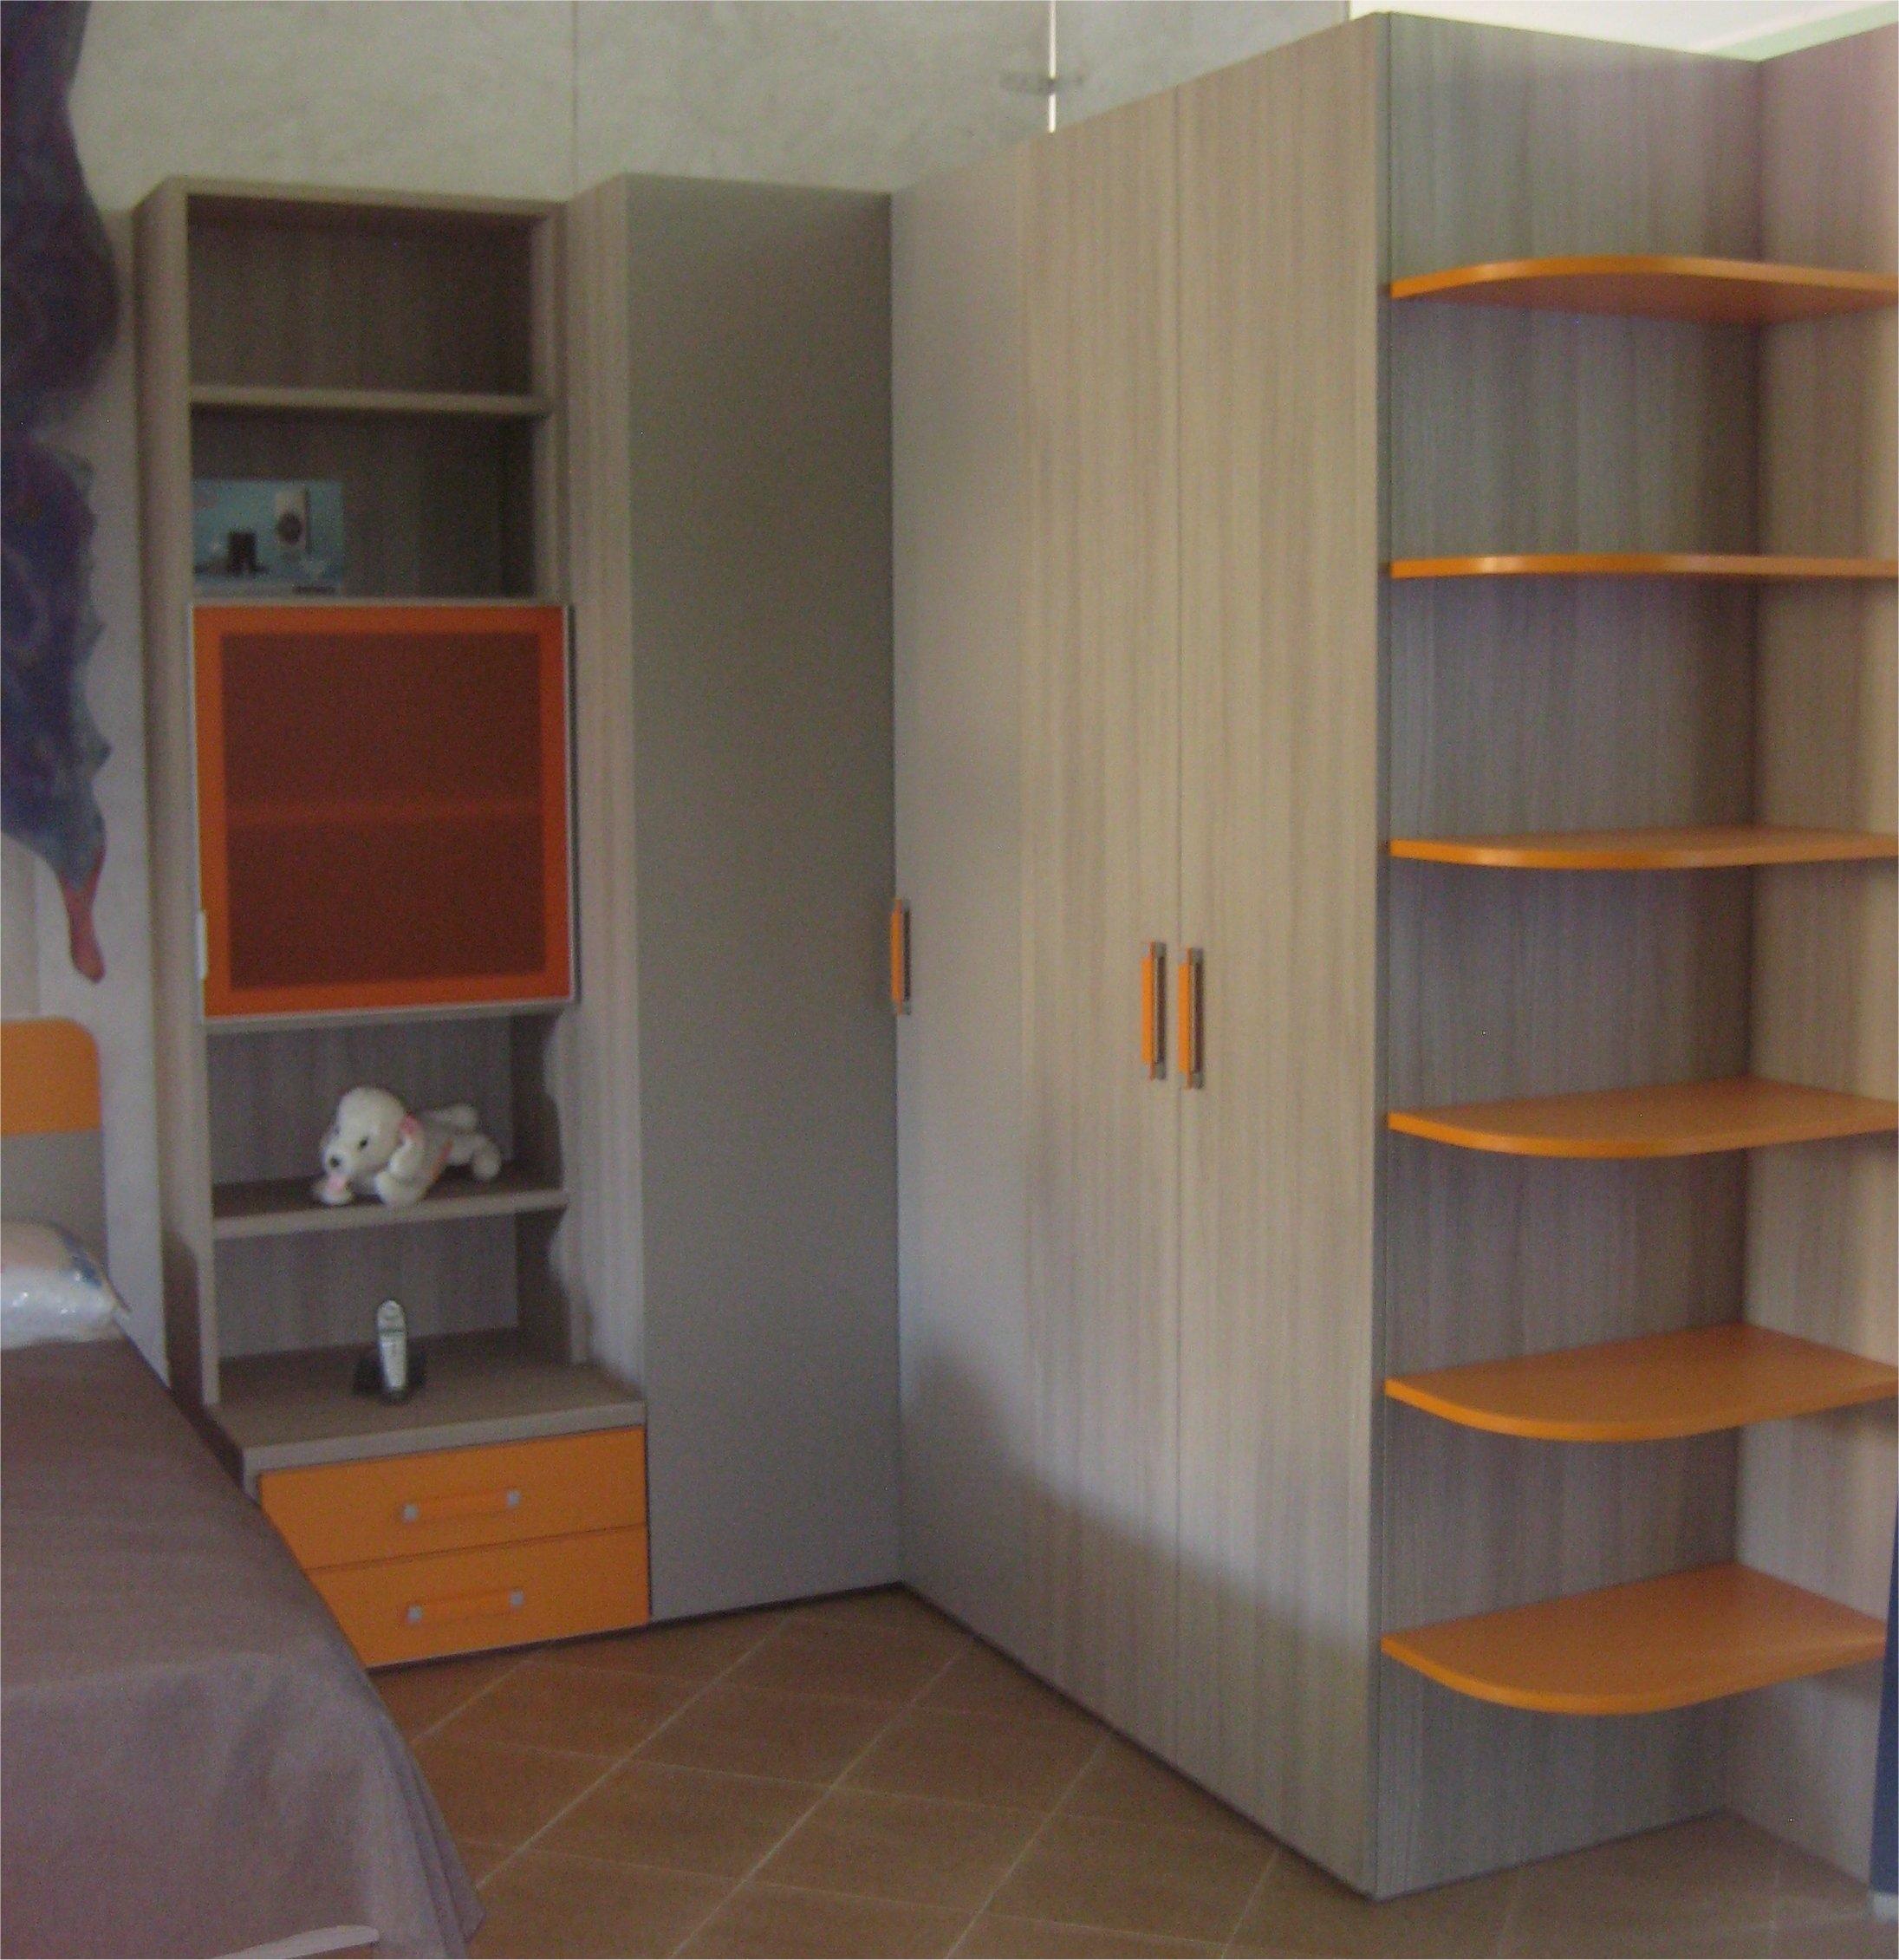 Armadio angolare prezzi idee di design nella vostra casa for Librerie angolari